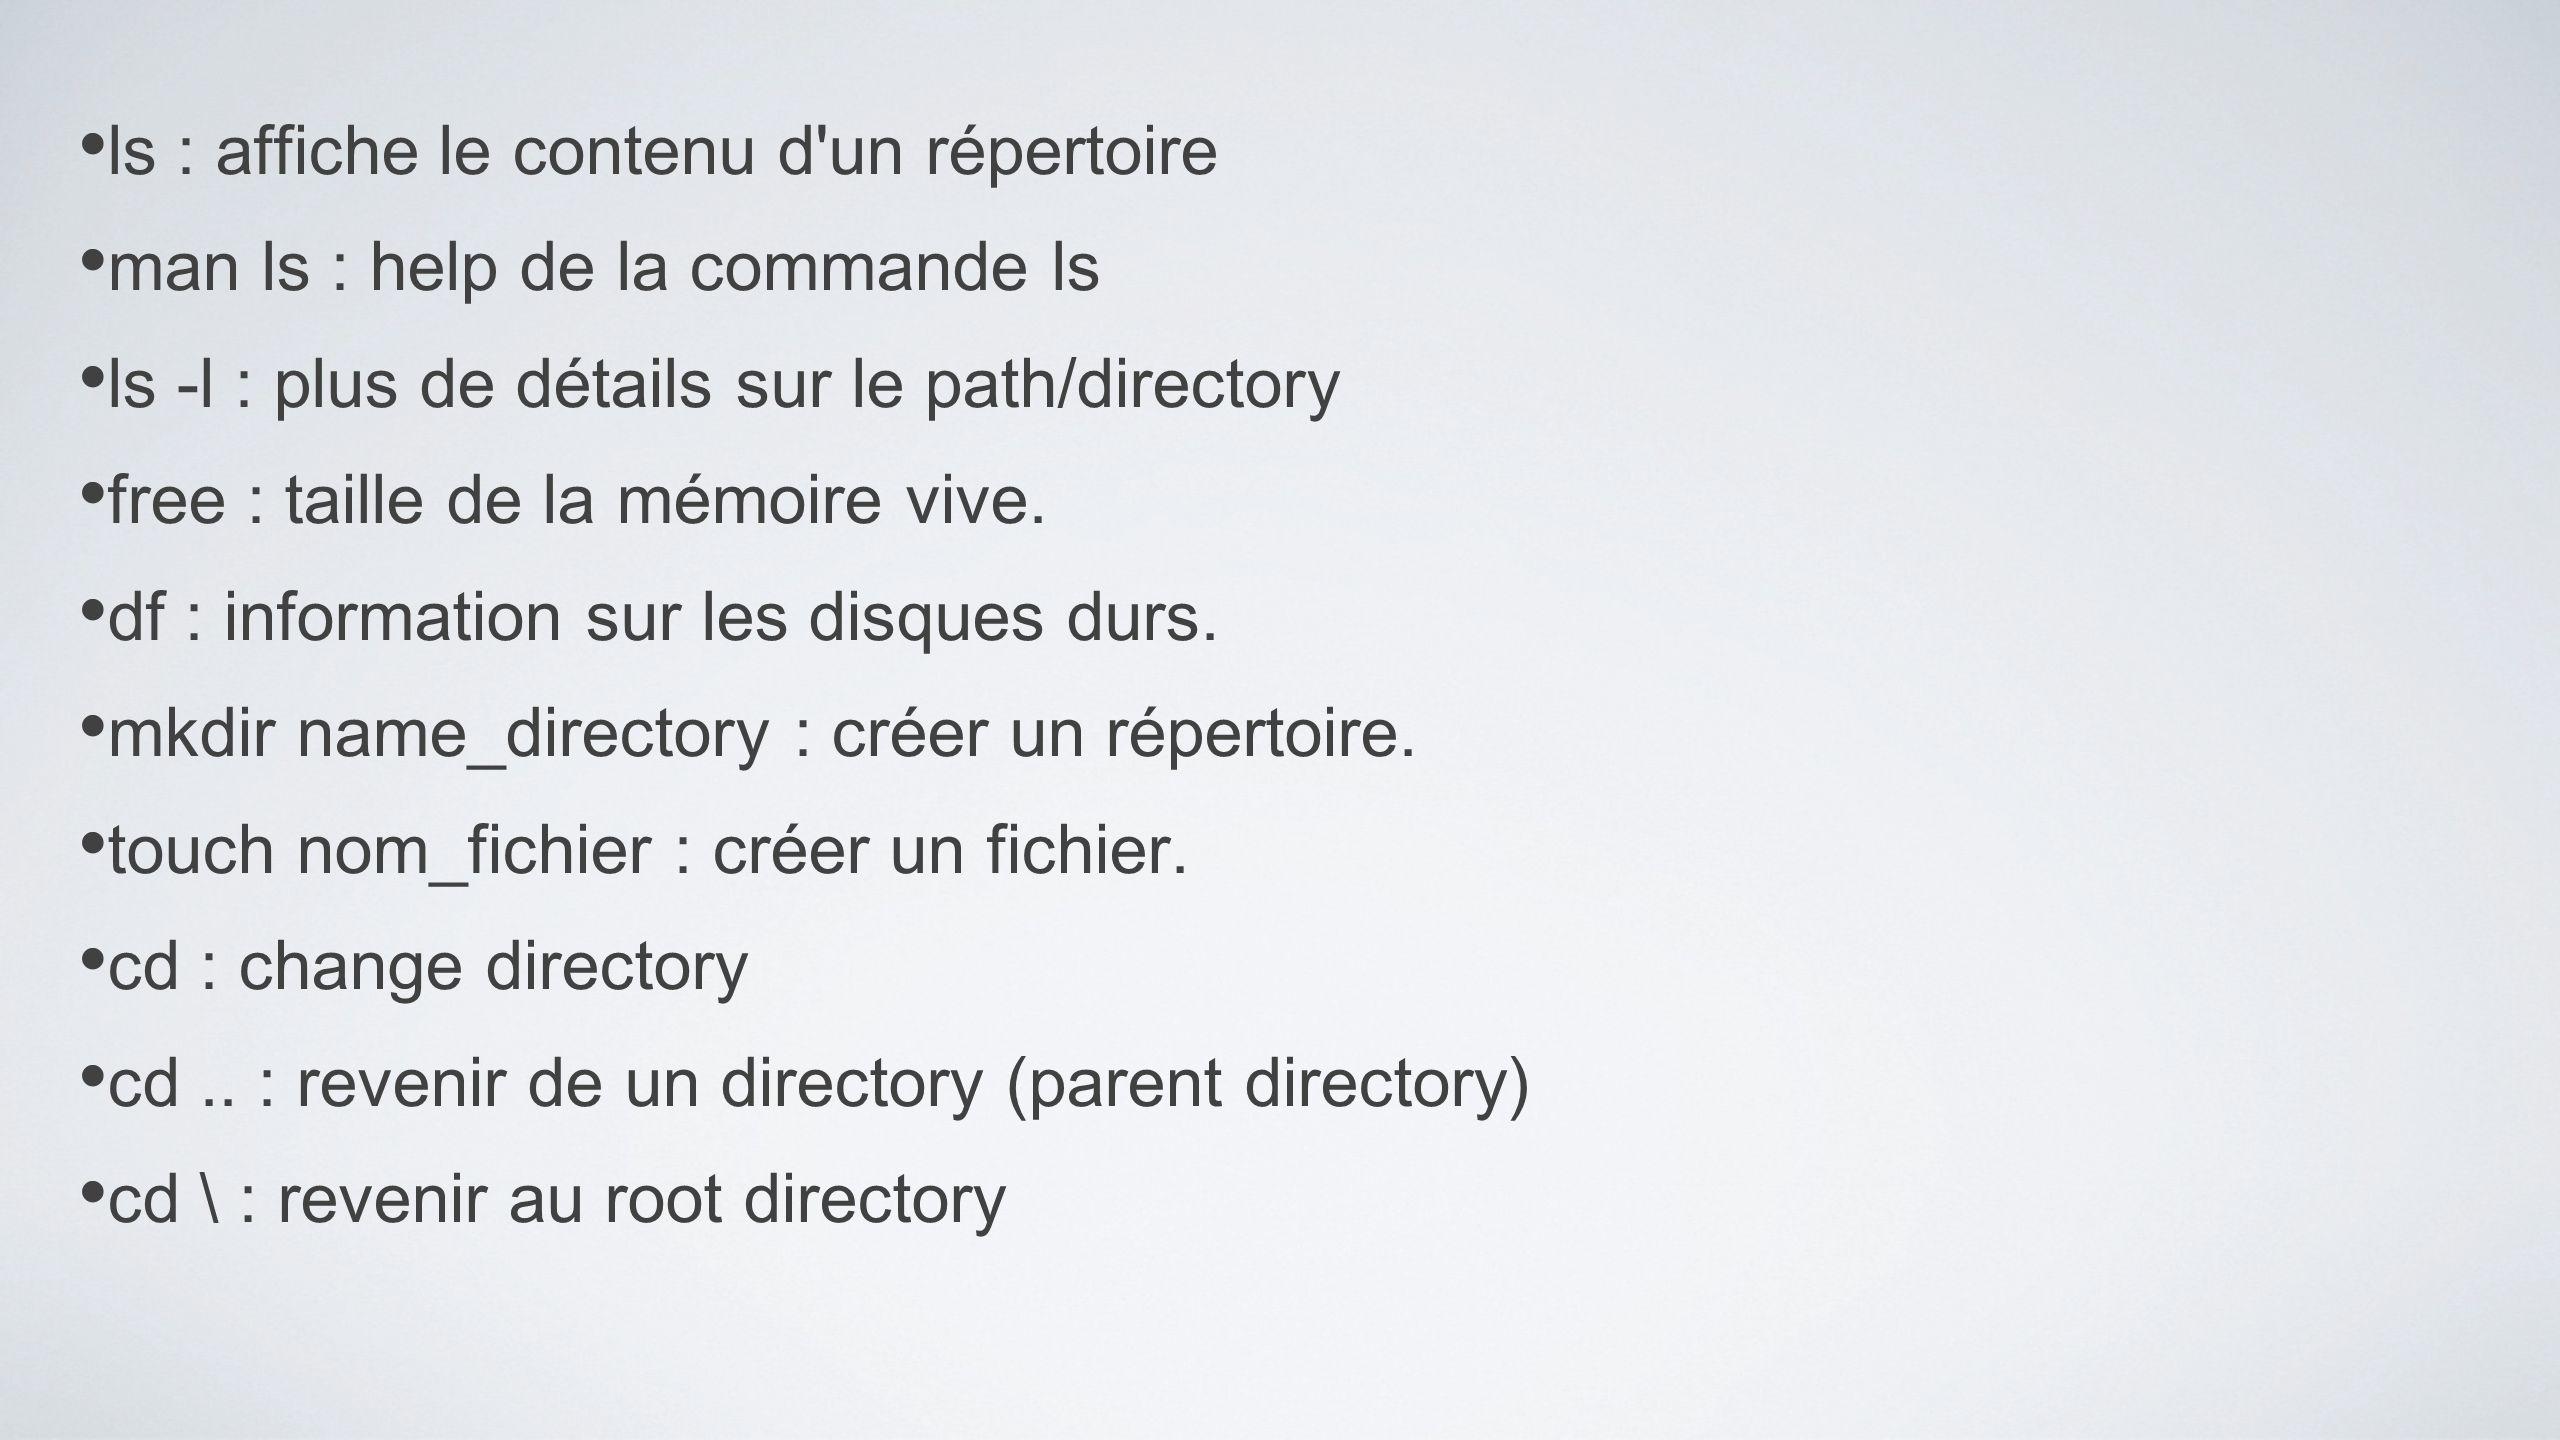 ls : affiche le contenu d'un répertoire man ls : help de la commande ls ls -l : plus de détails sur le path/directory free : taille de la mémoire vive